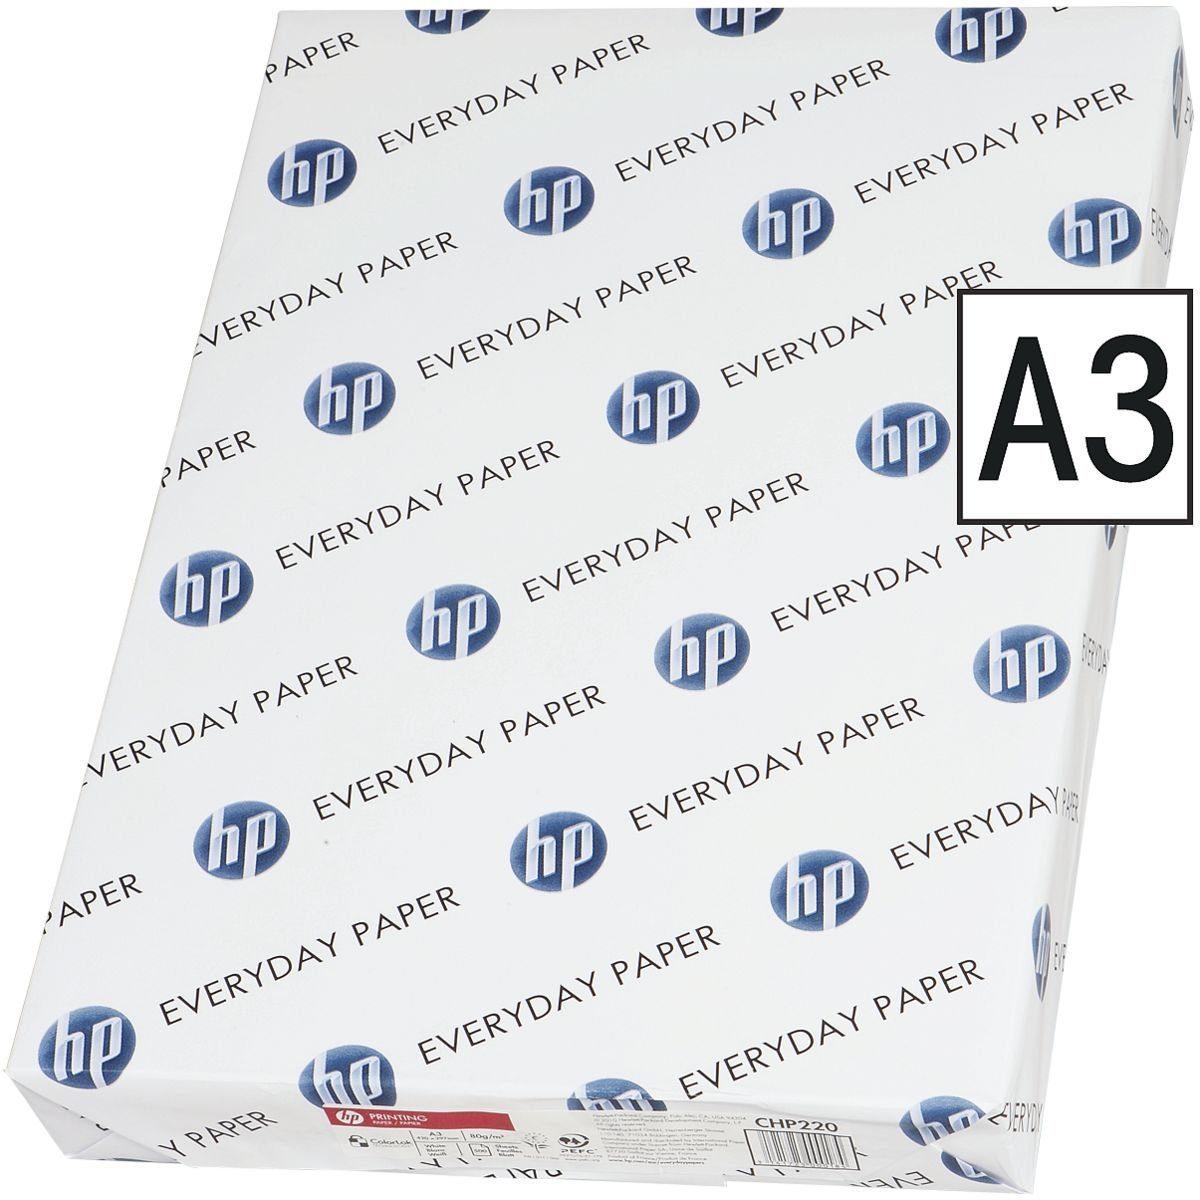 HP Multifunktionales Druckerpapier »HP Printing«